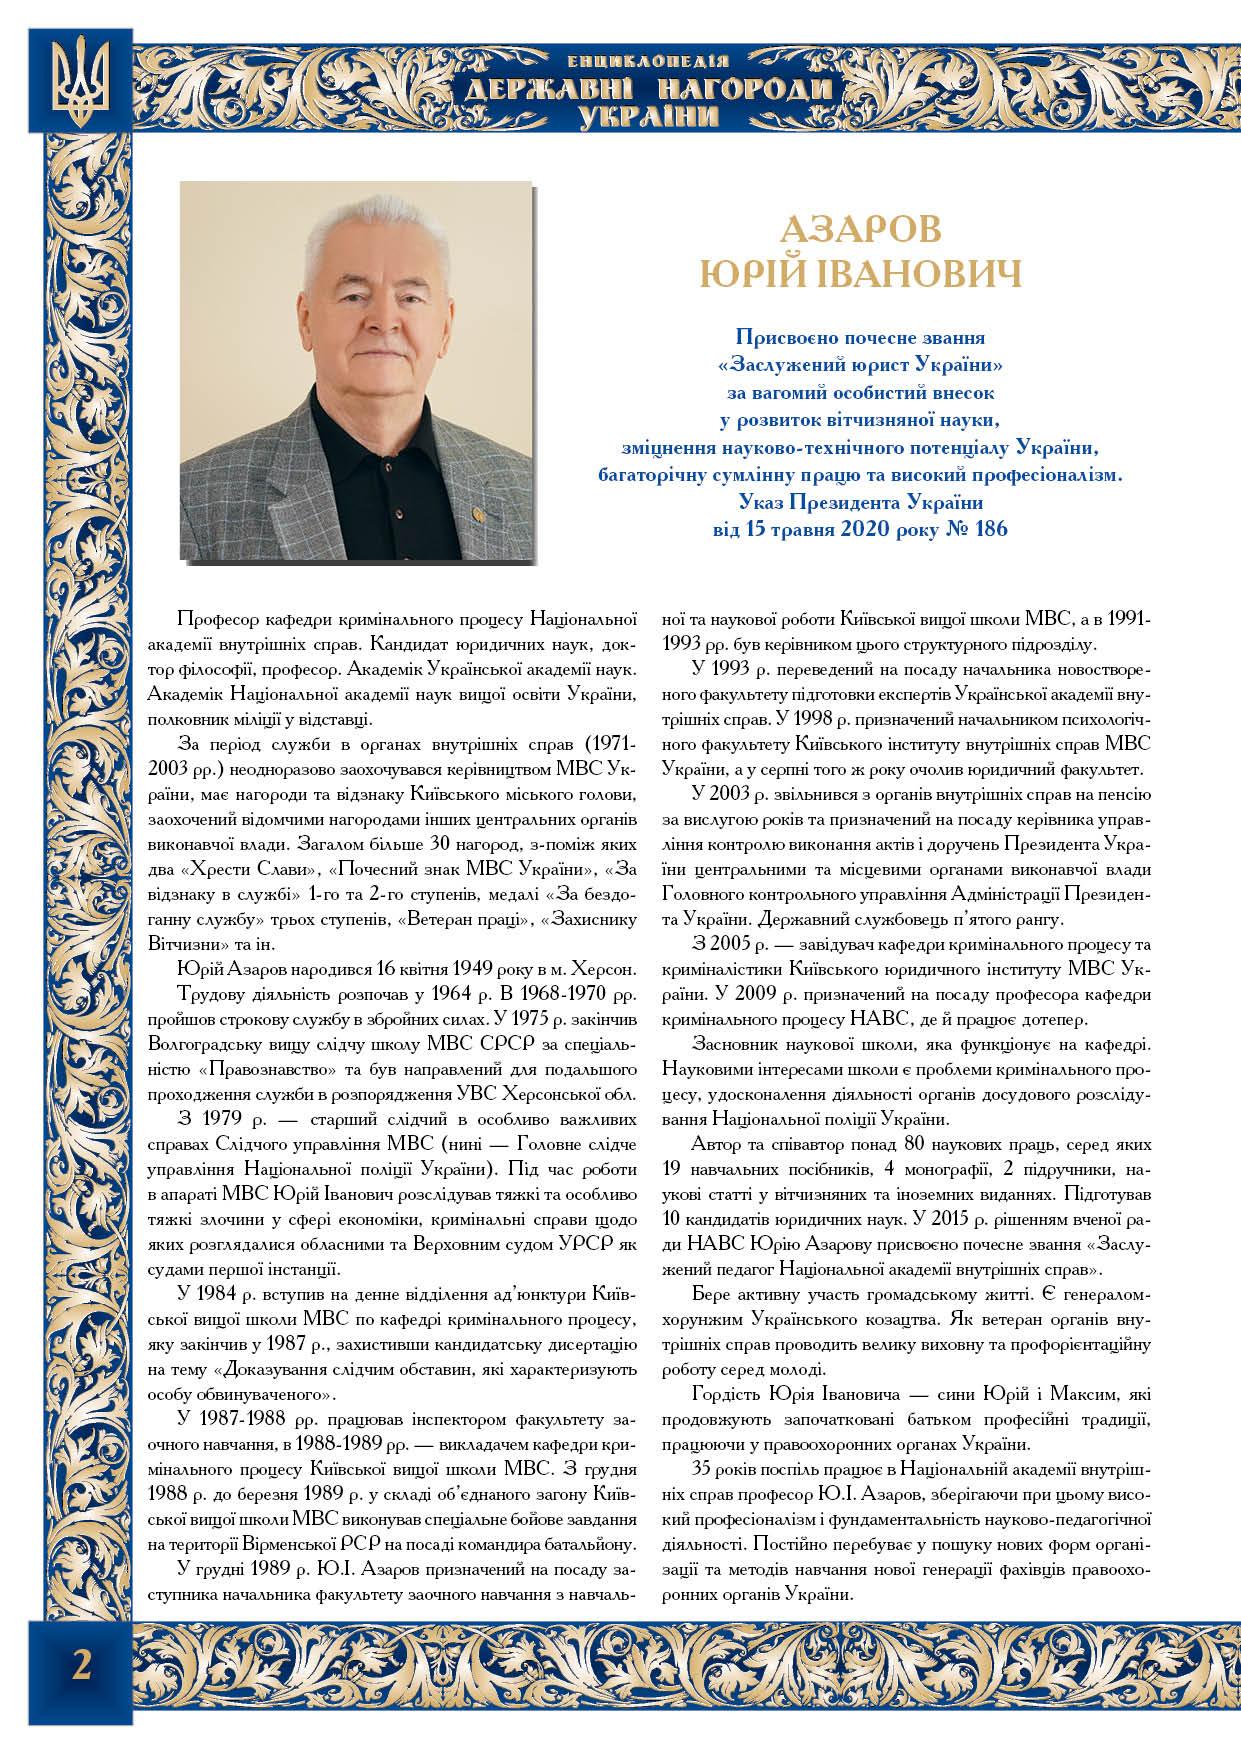 Азаров Юрій Іванович